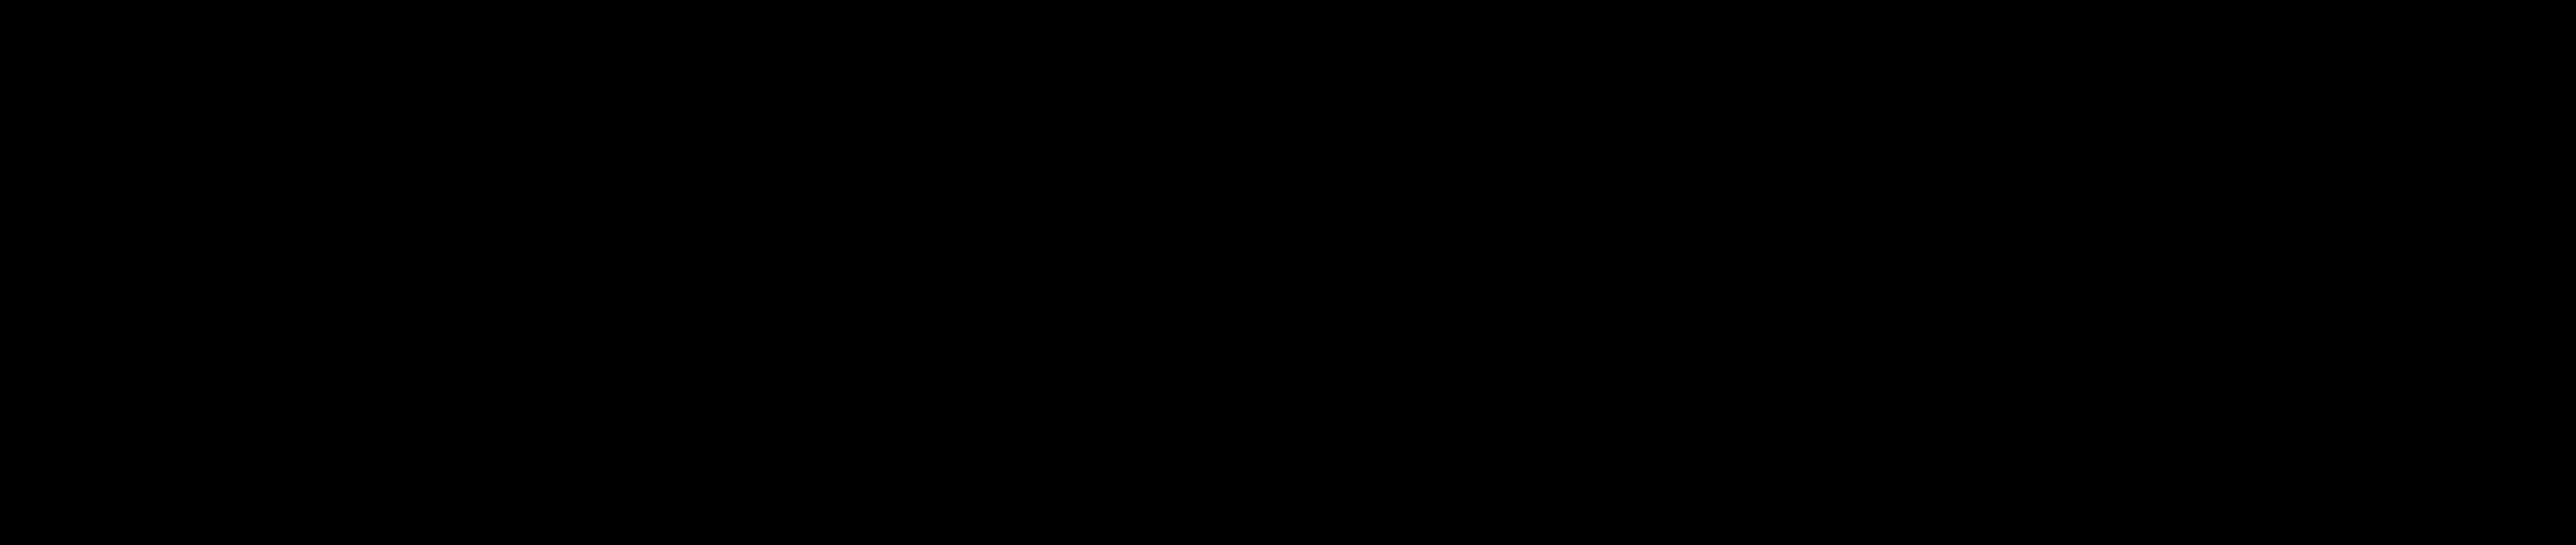 Axe Black Logo PNG - 105755